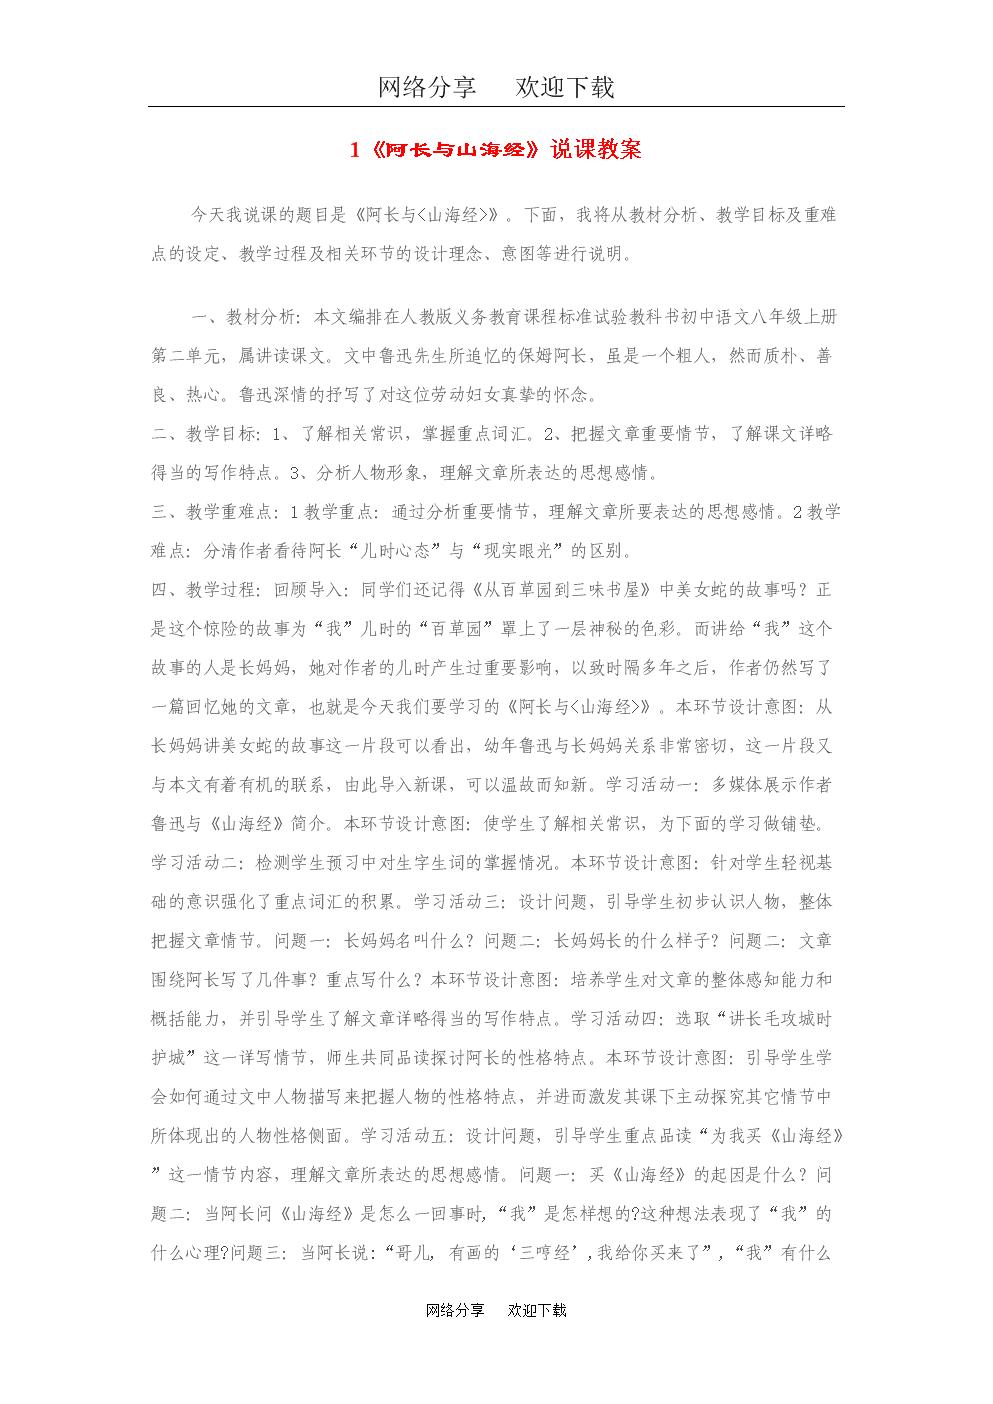 【44页精品】北师大版七年级上册语文全册教案_说课稿.doc